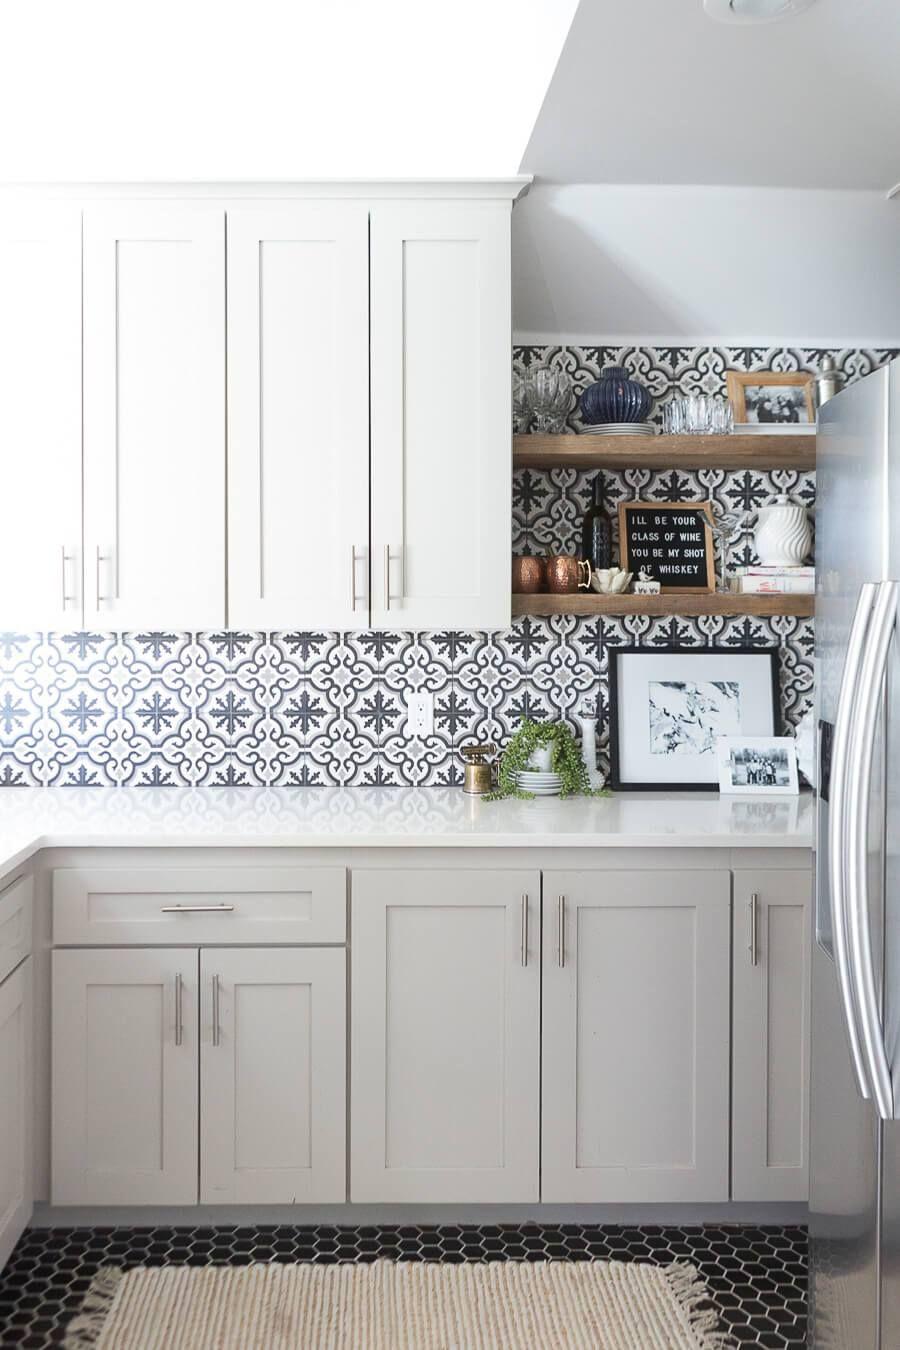 15 White Kitchen Cabinet Ideas To Brighten Up Your Kitchen Space